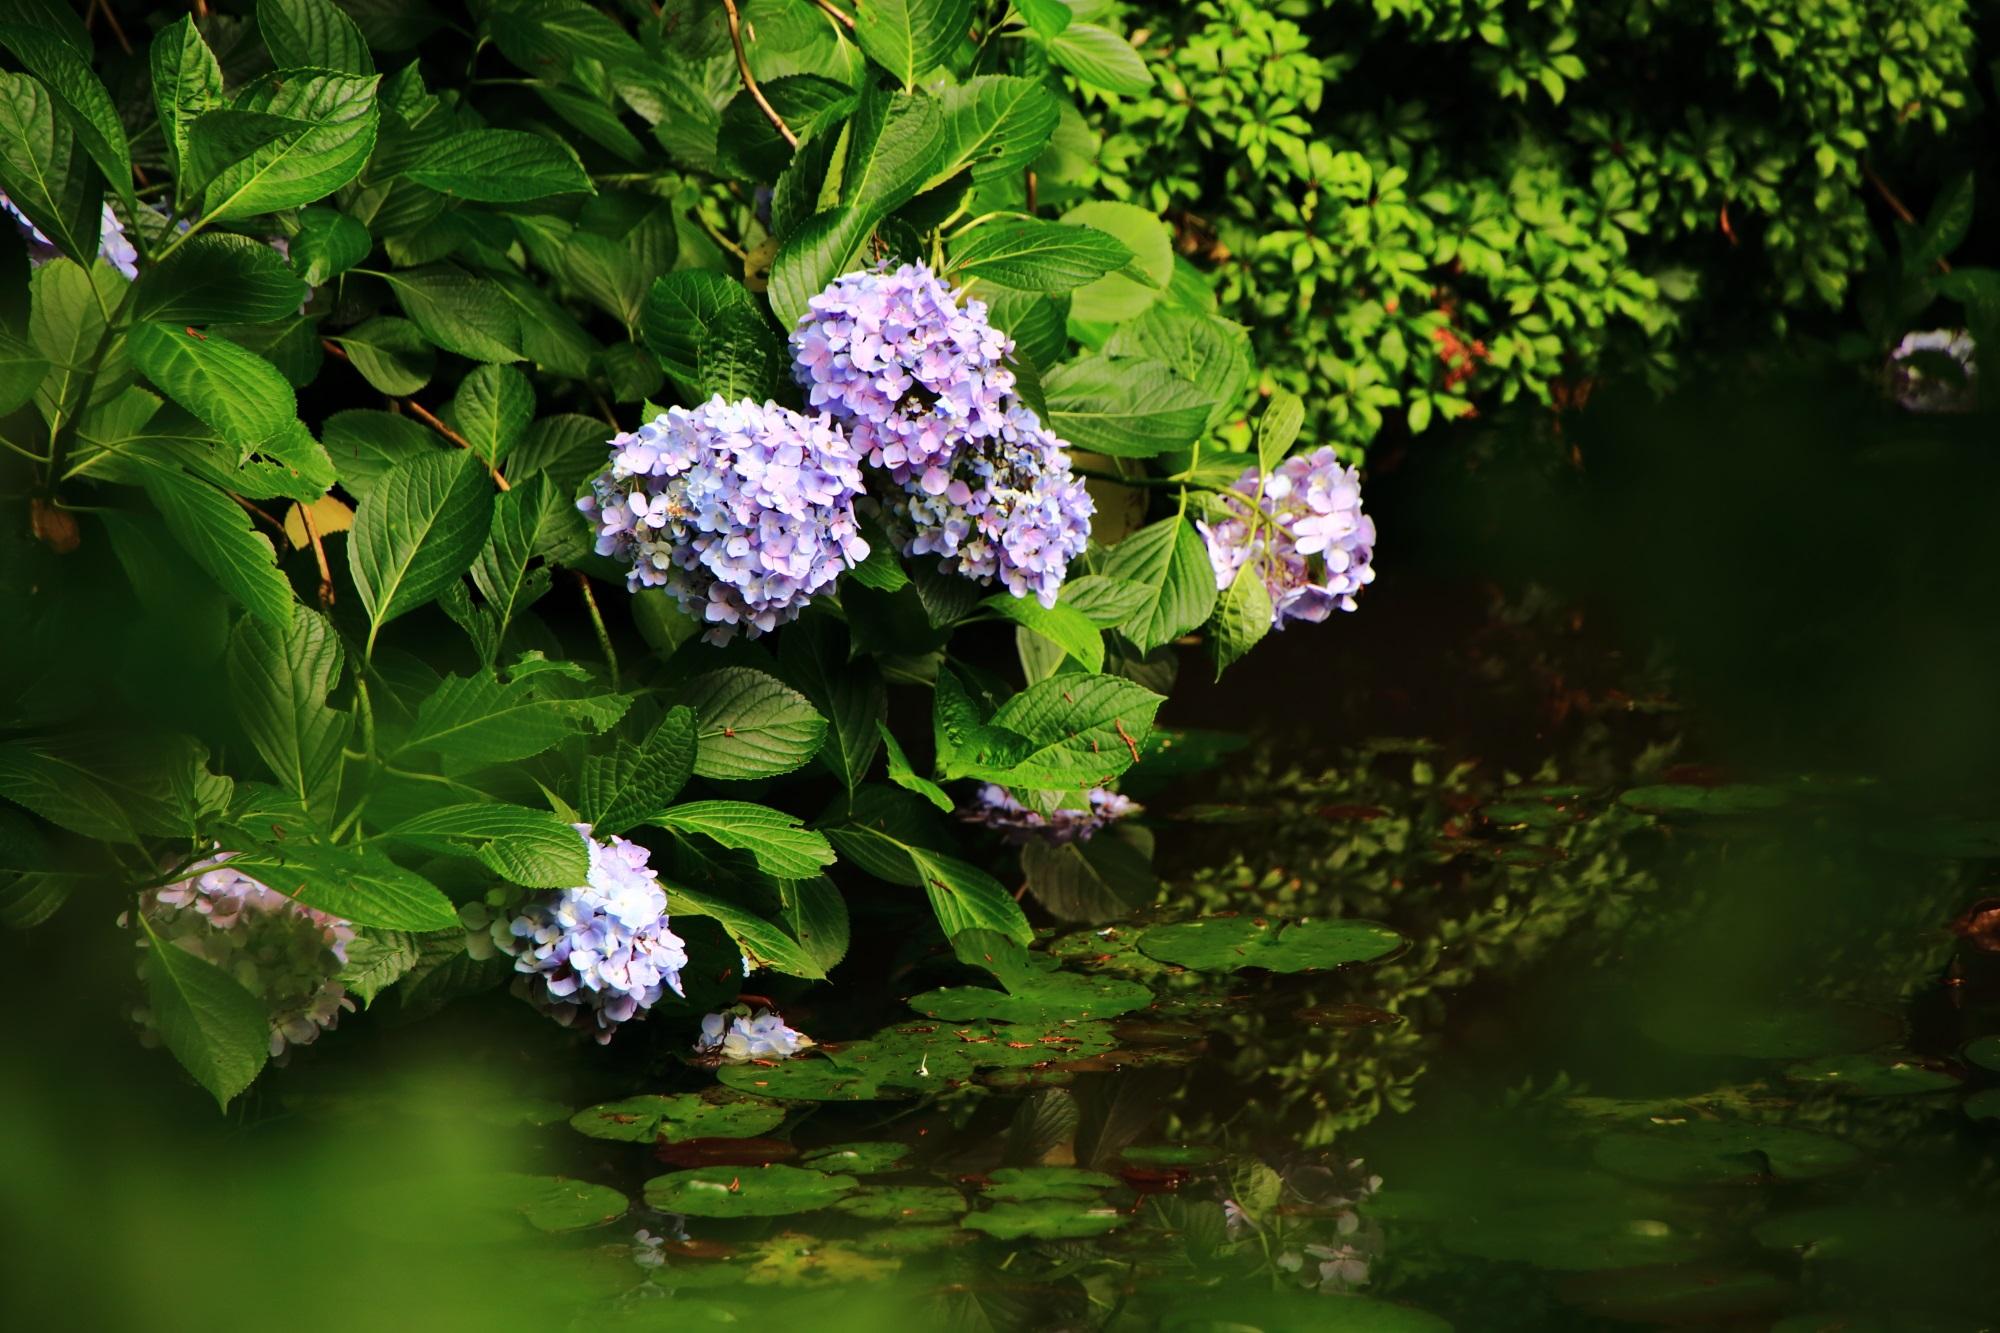 岩船寺の阿字池に咲く紫陽花